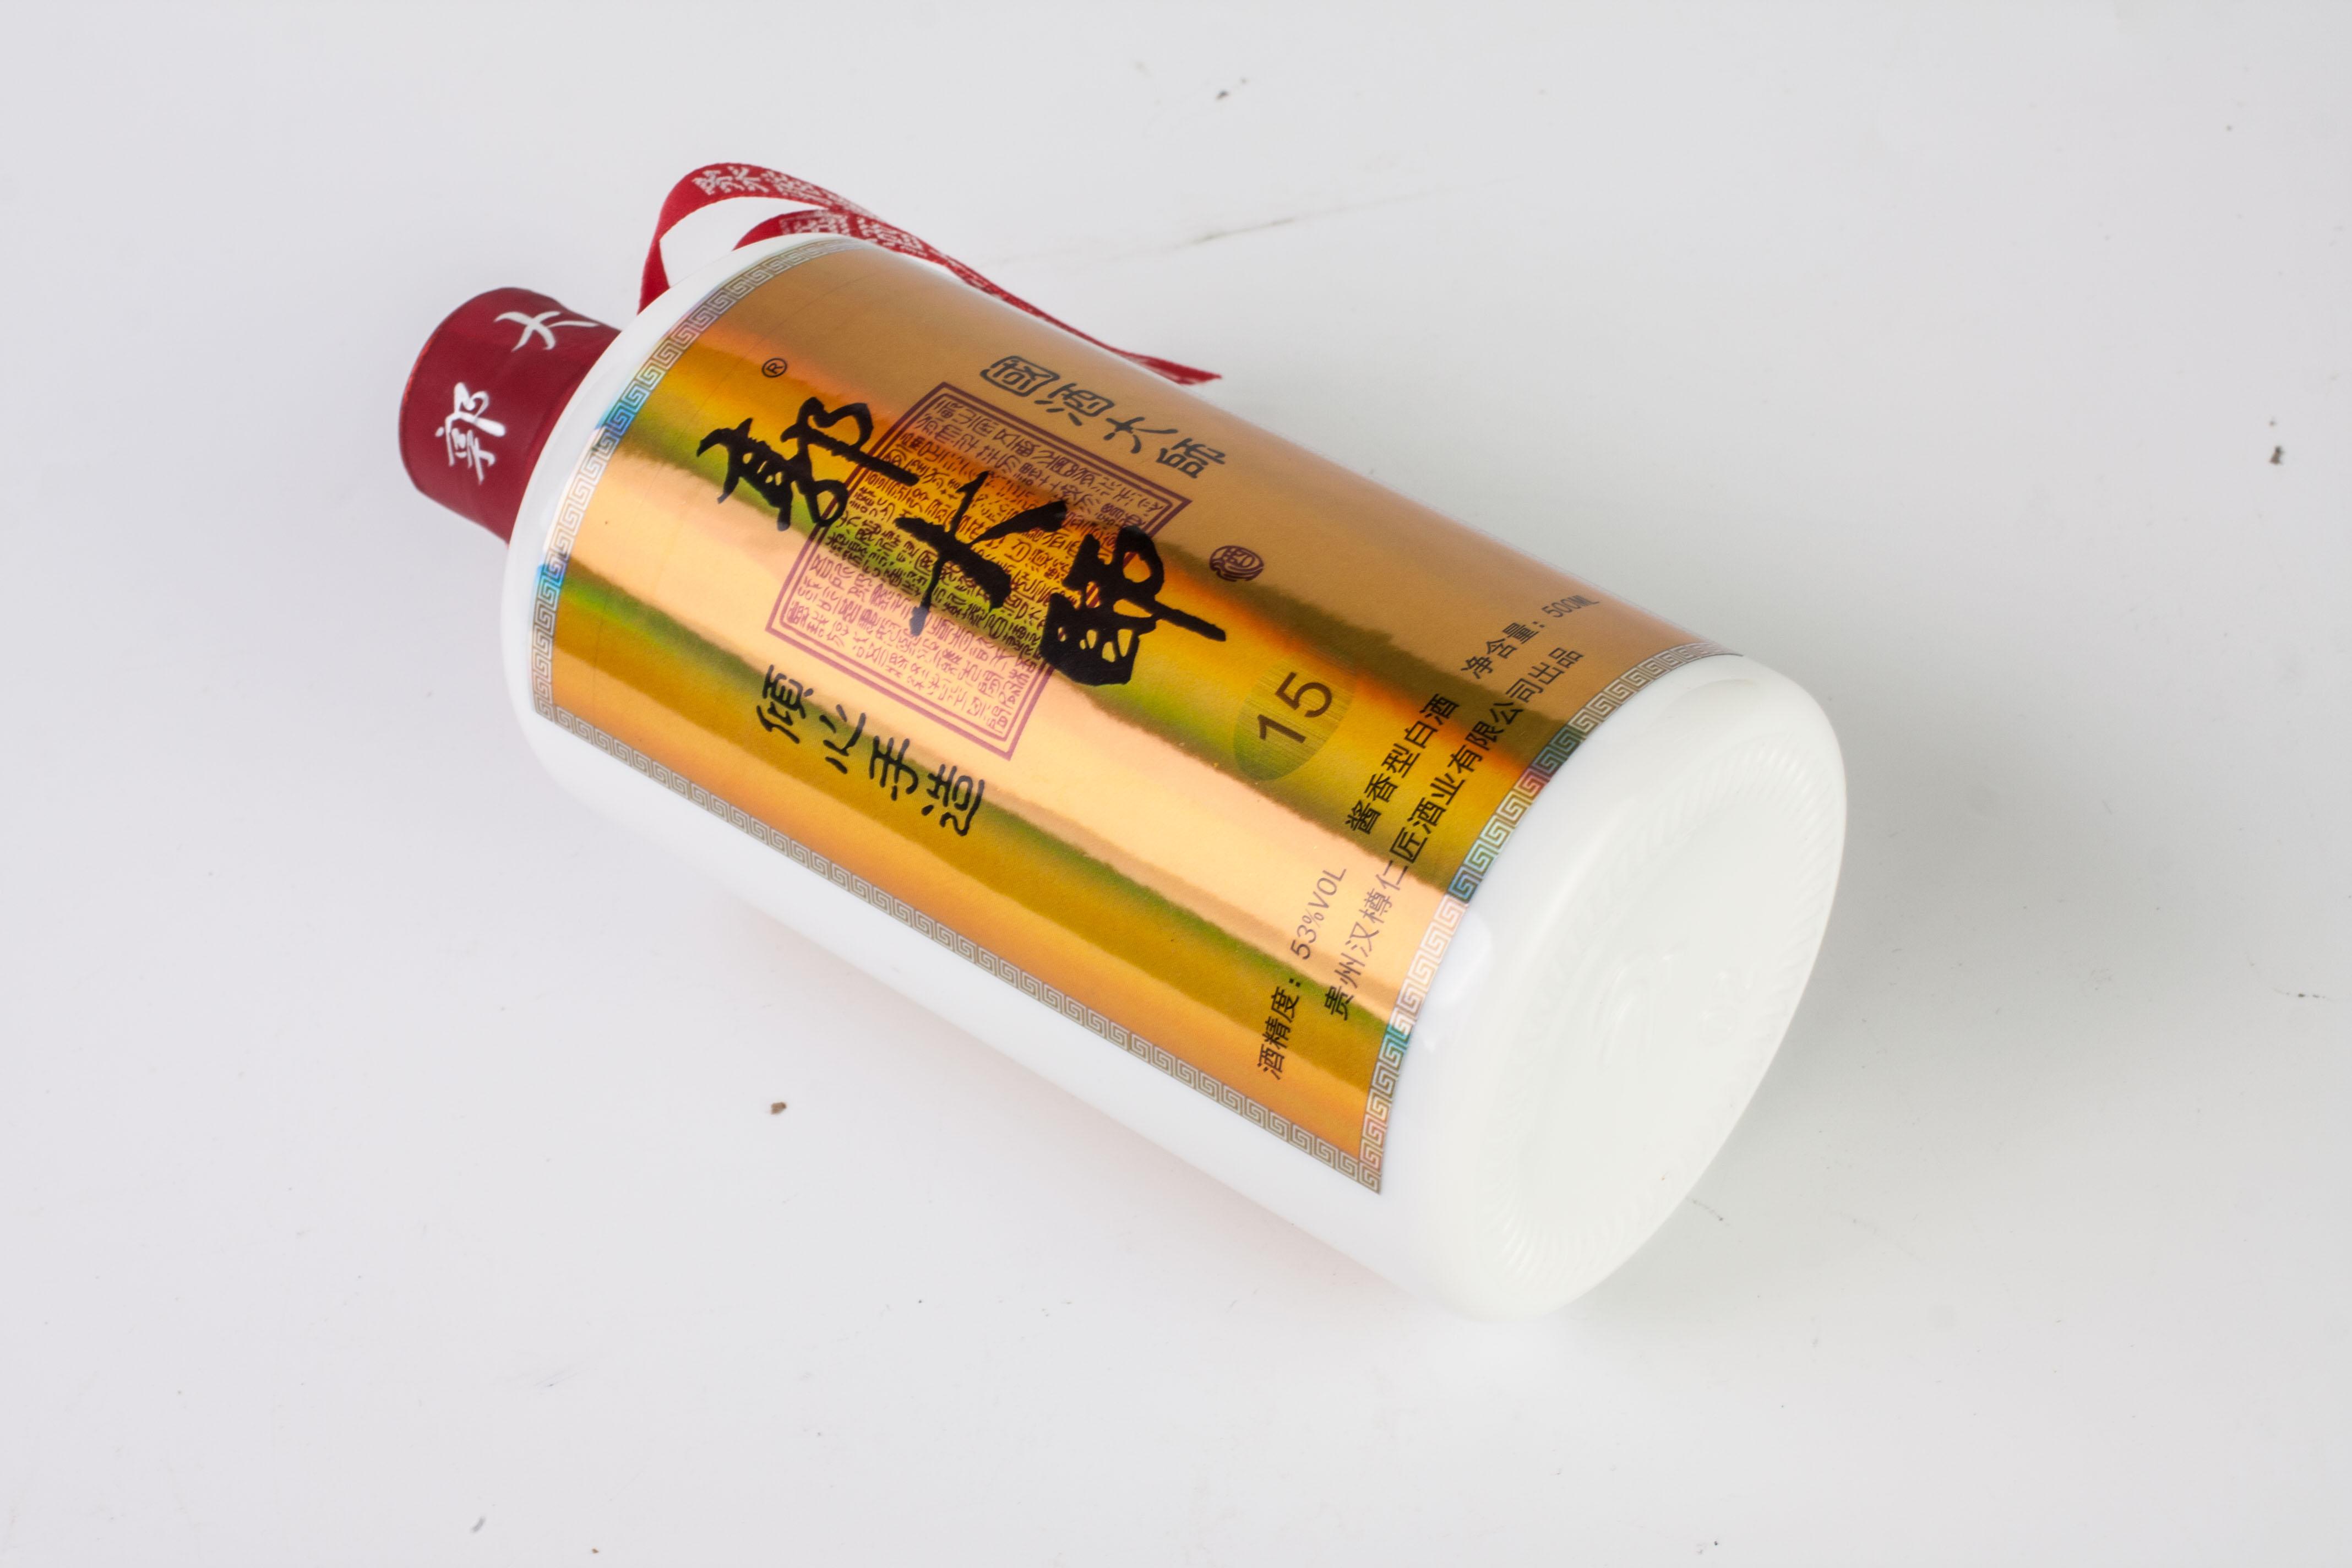 贵州茅台镇的郭大师酒什么路子插图4